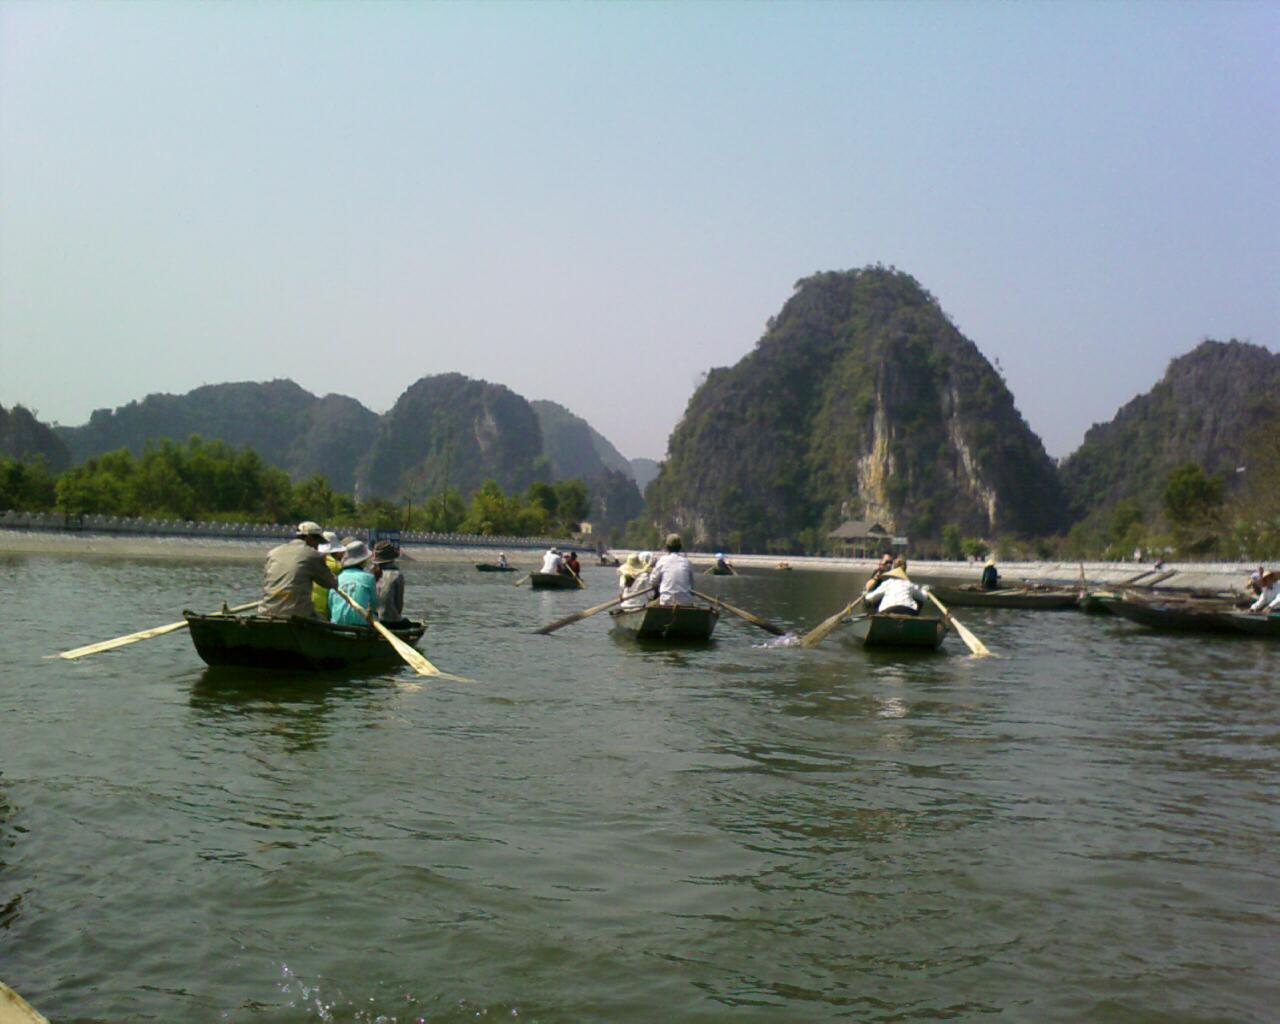 Barcos de excursión en la cercana zona de Tam Coc Ninh Binh Vietnam